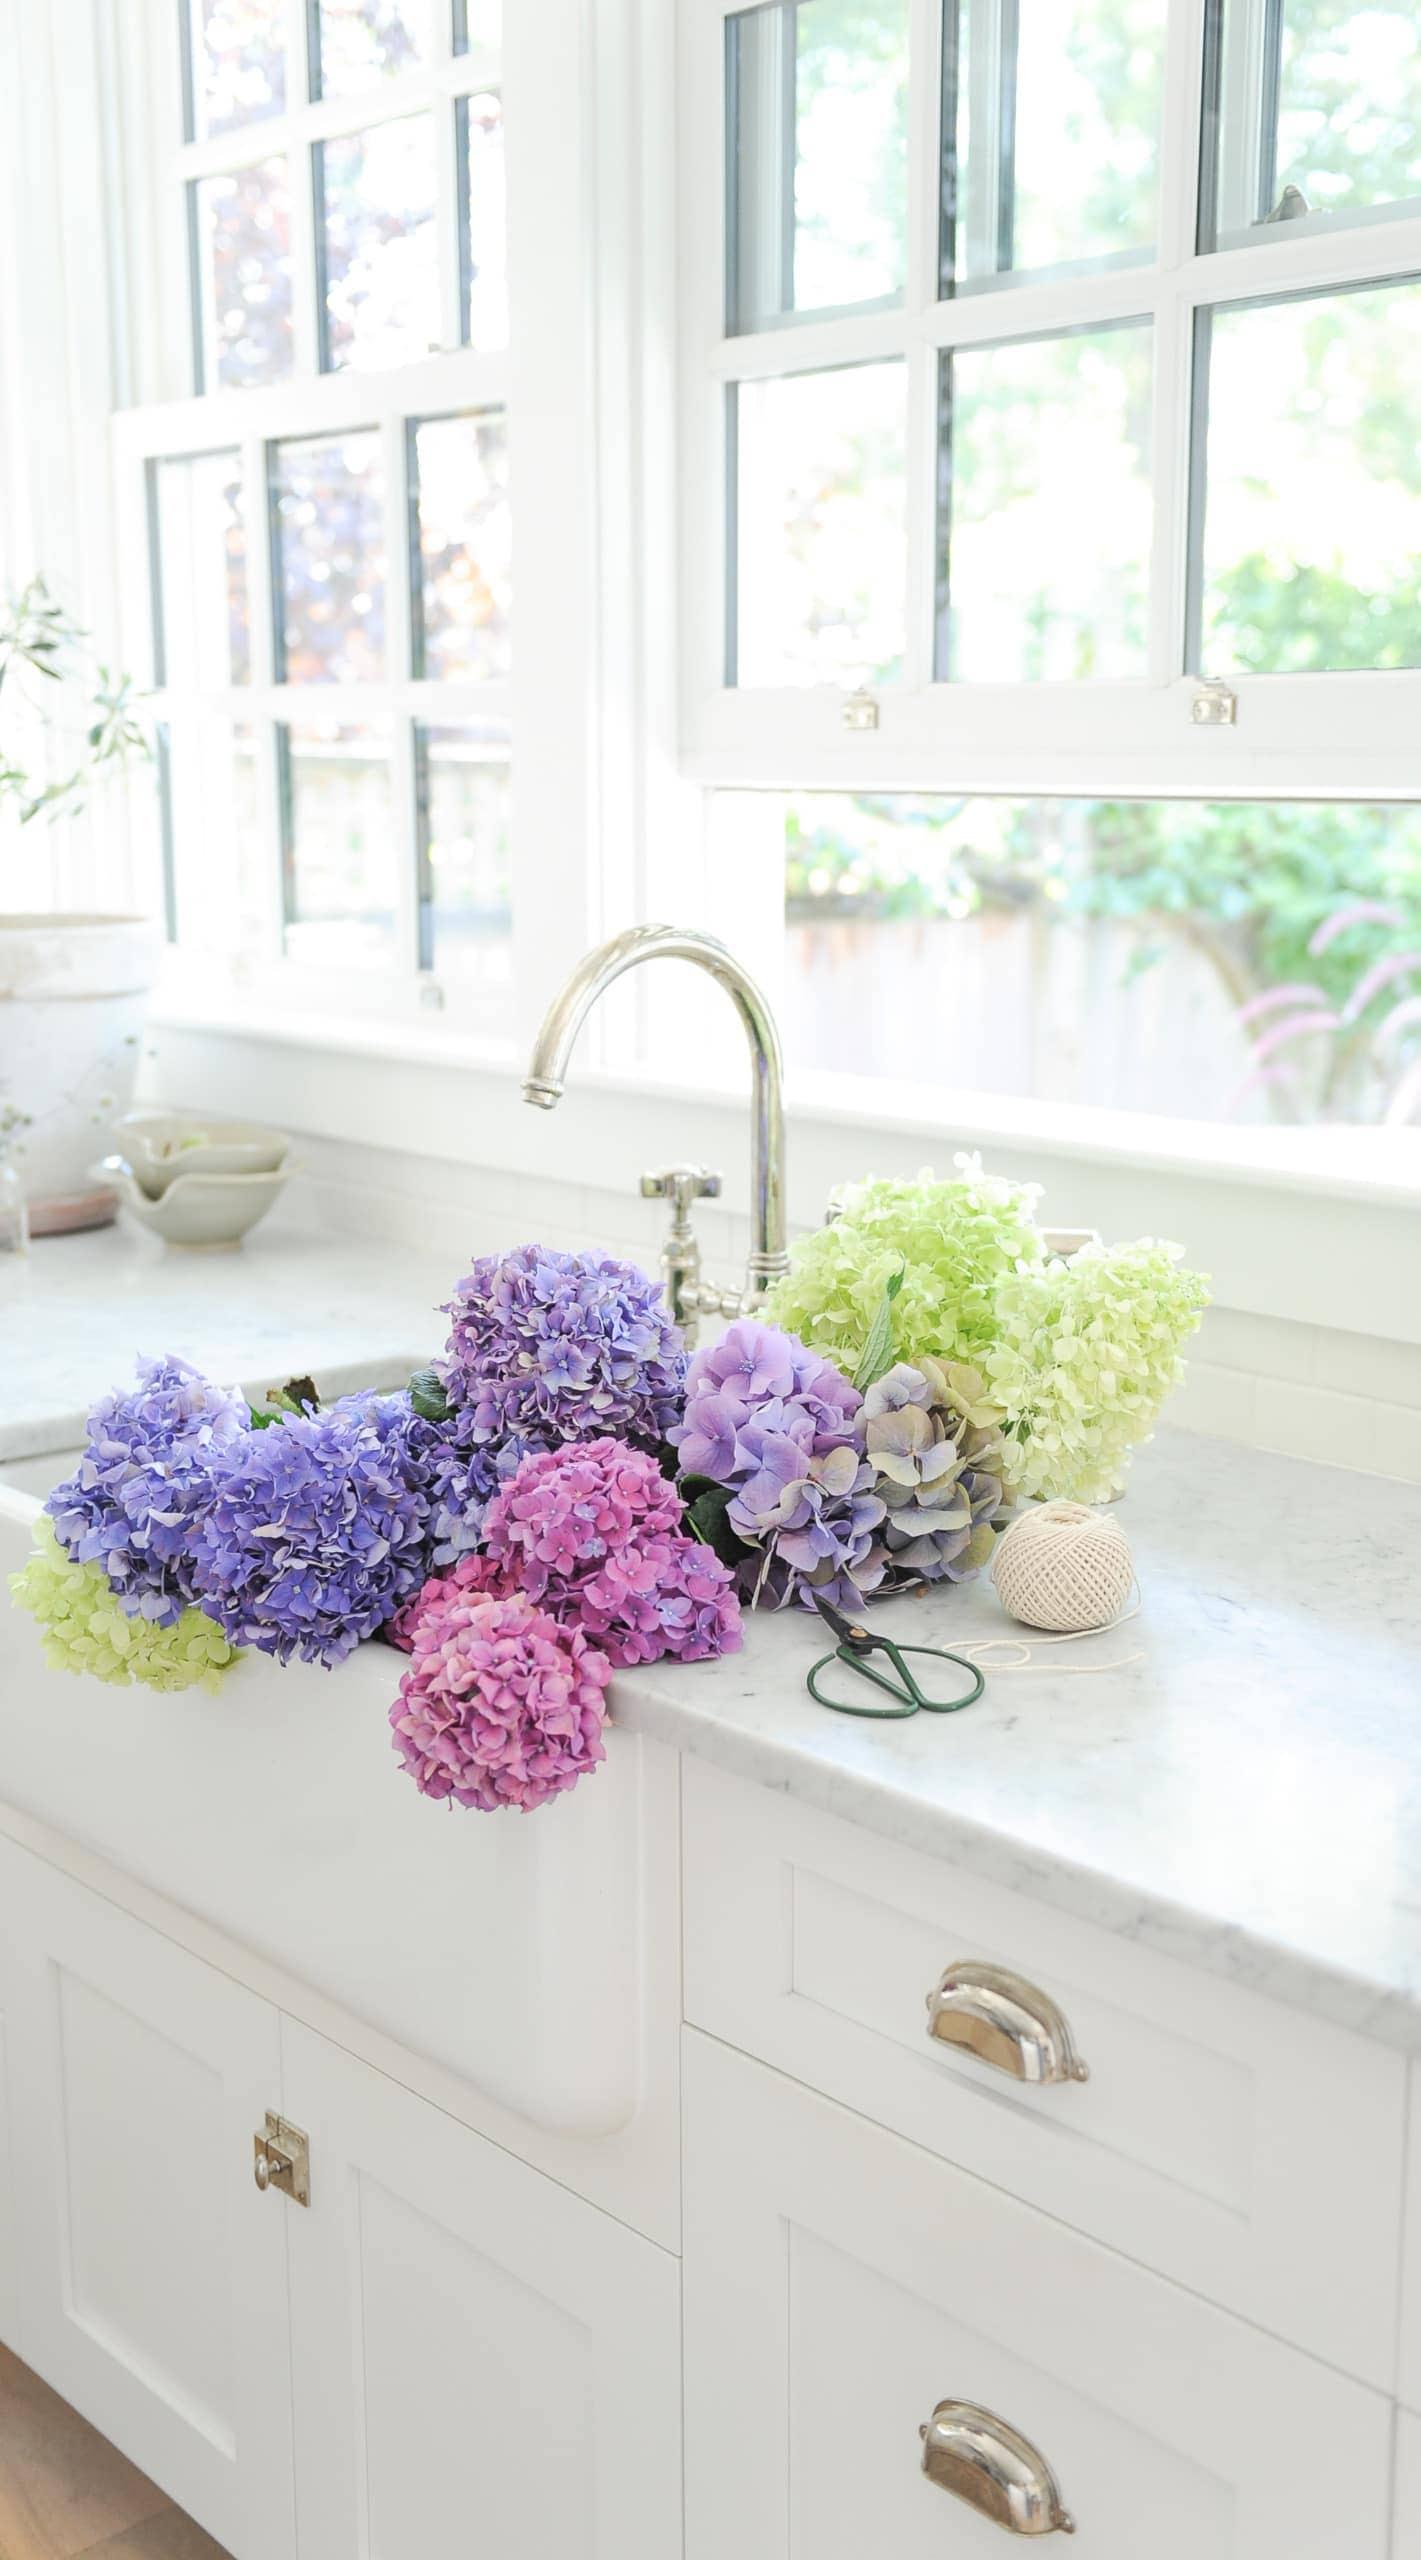 Purple hydrangeas in a white sink